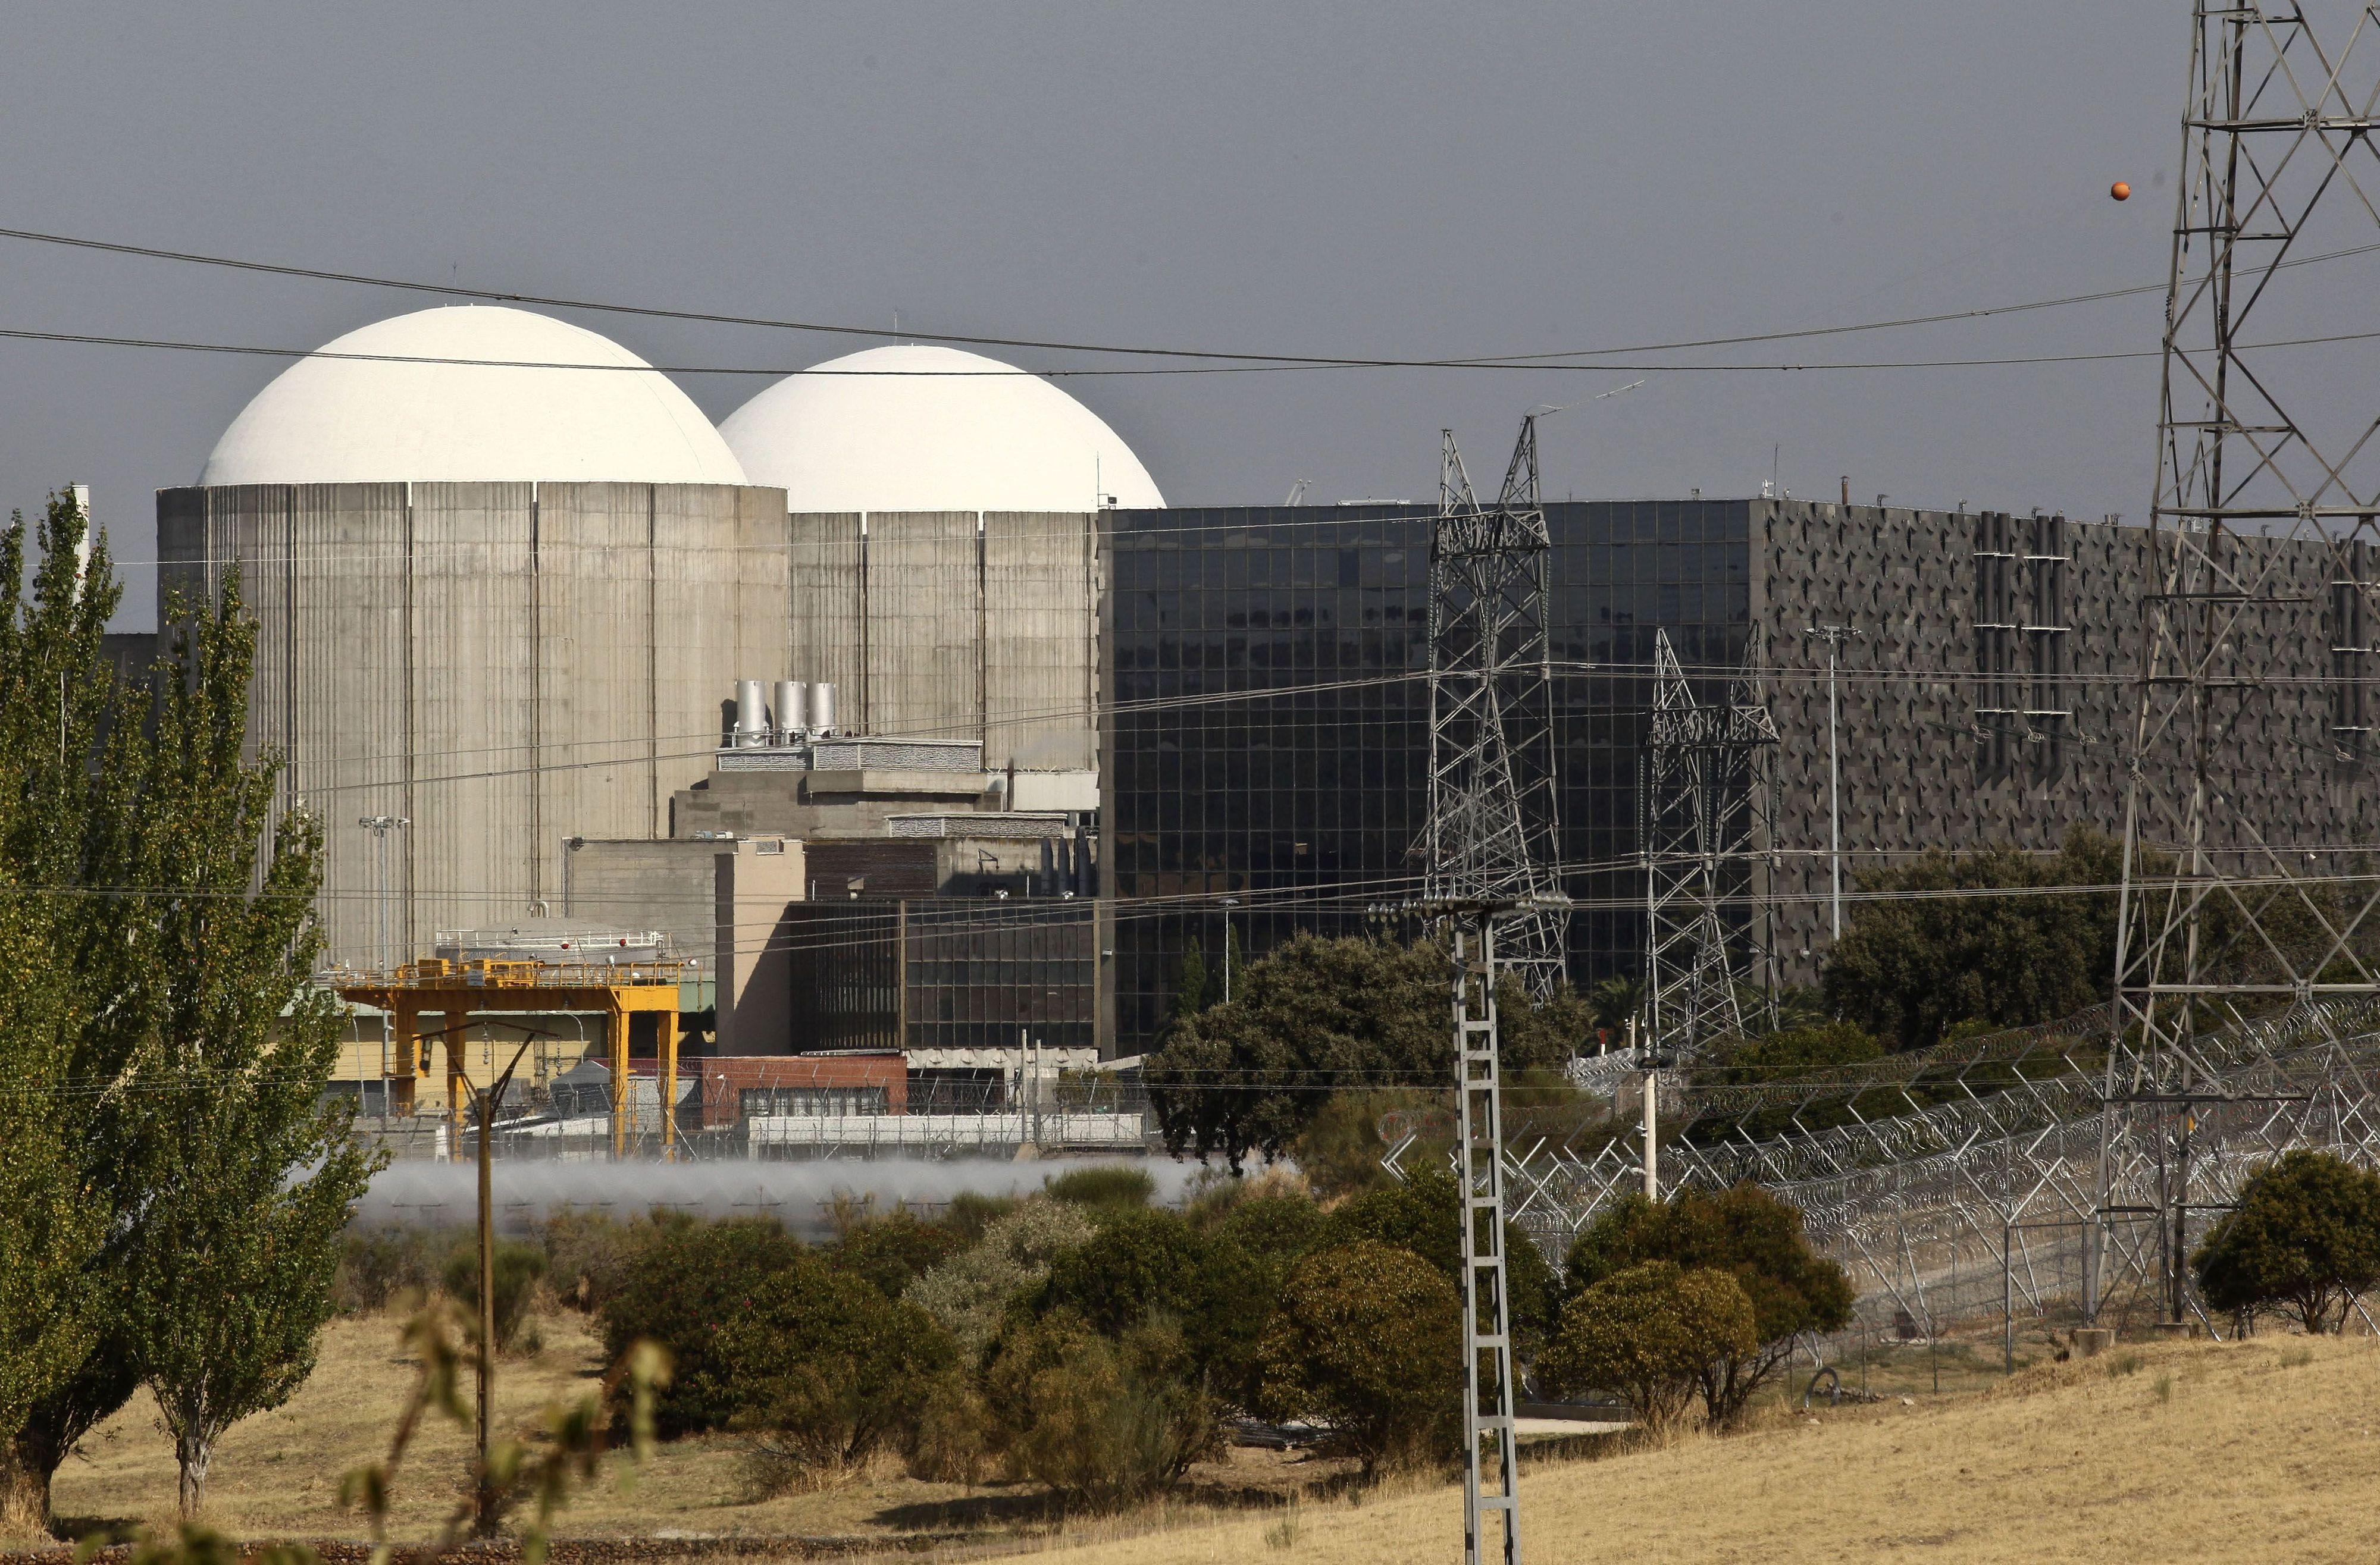 Portugal pediu reunião urgente a Espanha sobre depósito de resíduos nucleares em Almaraz